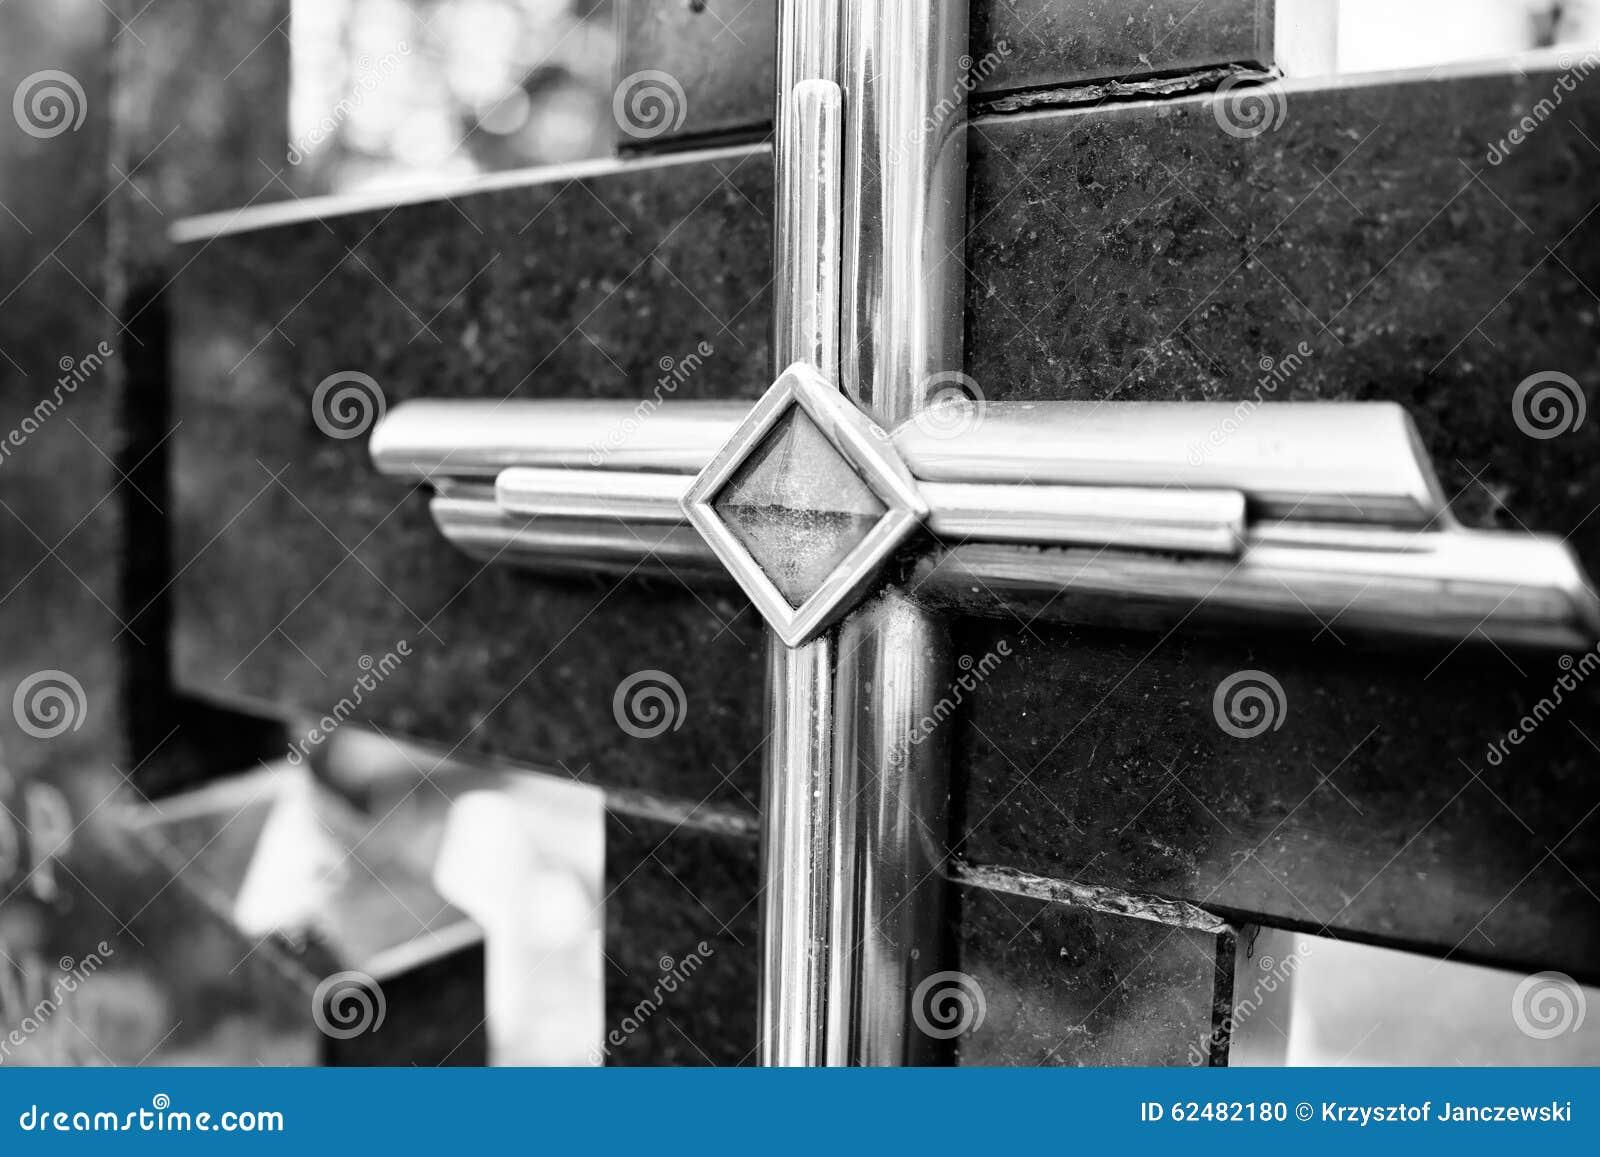 Catholic Religious Symbols Stock Photo Image Of Jesus Faith